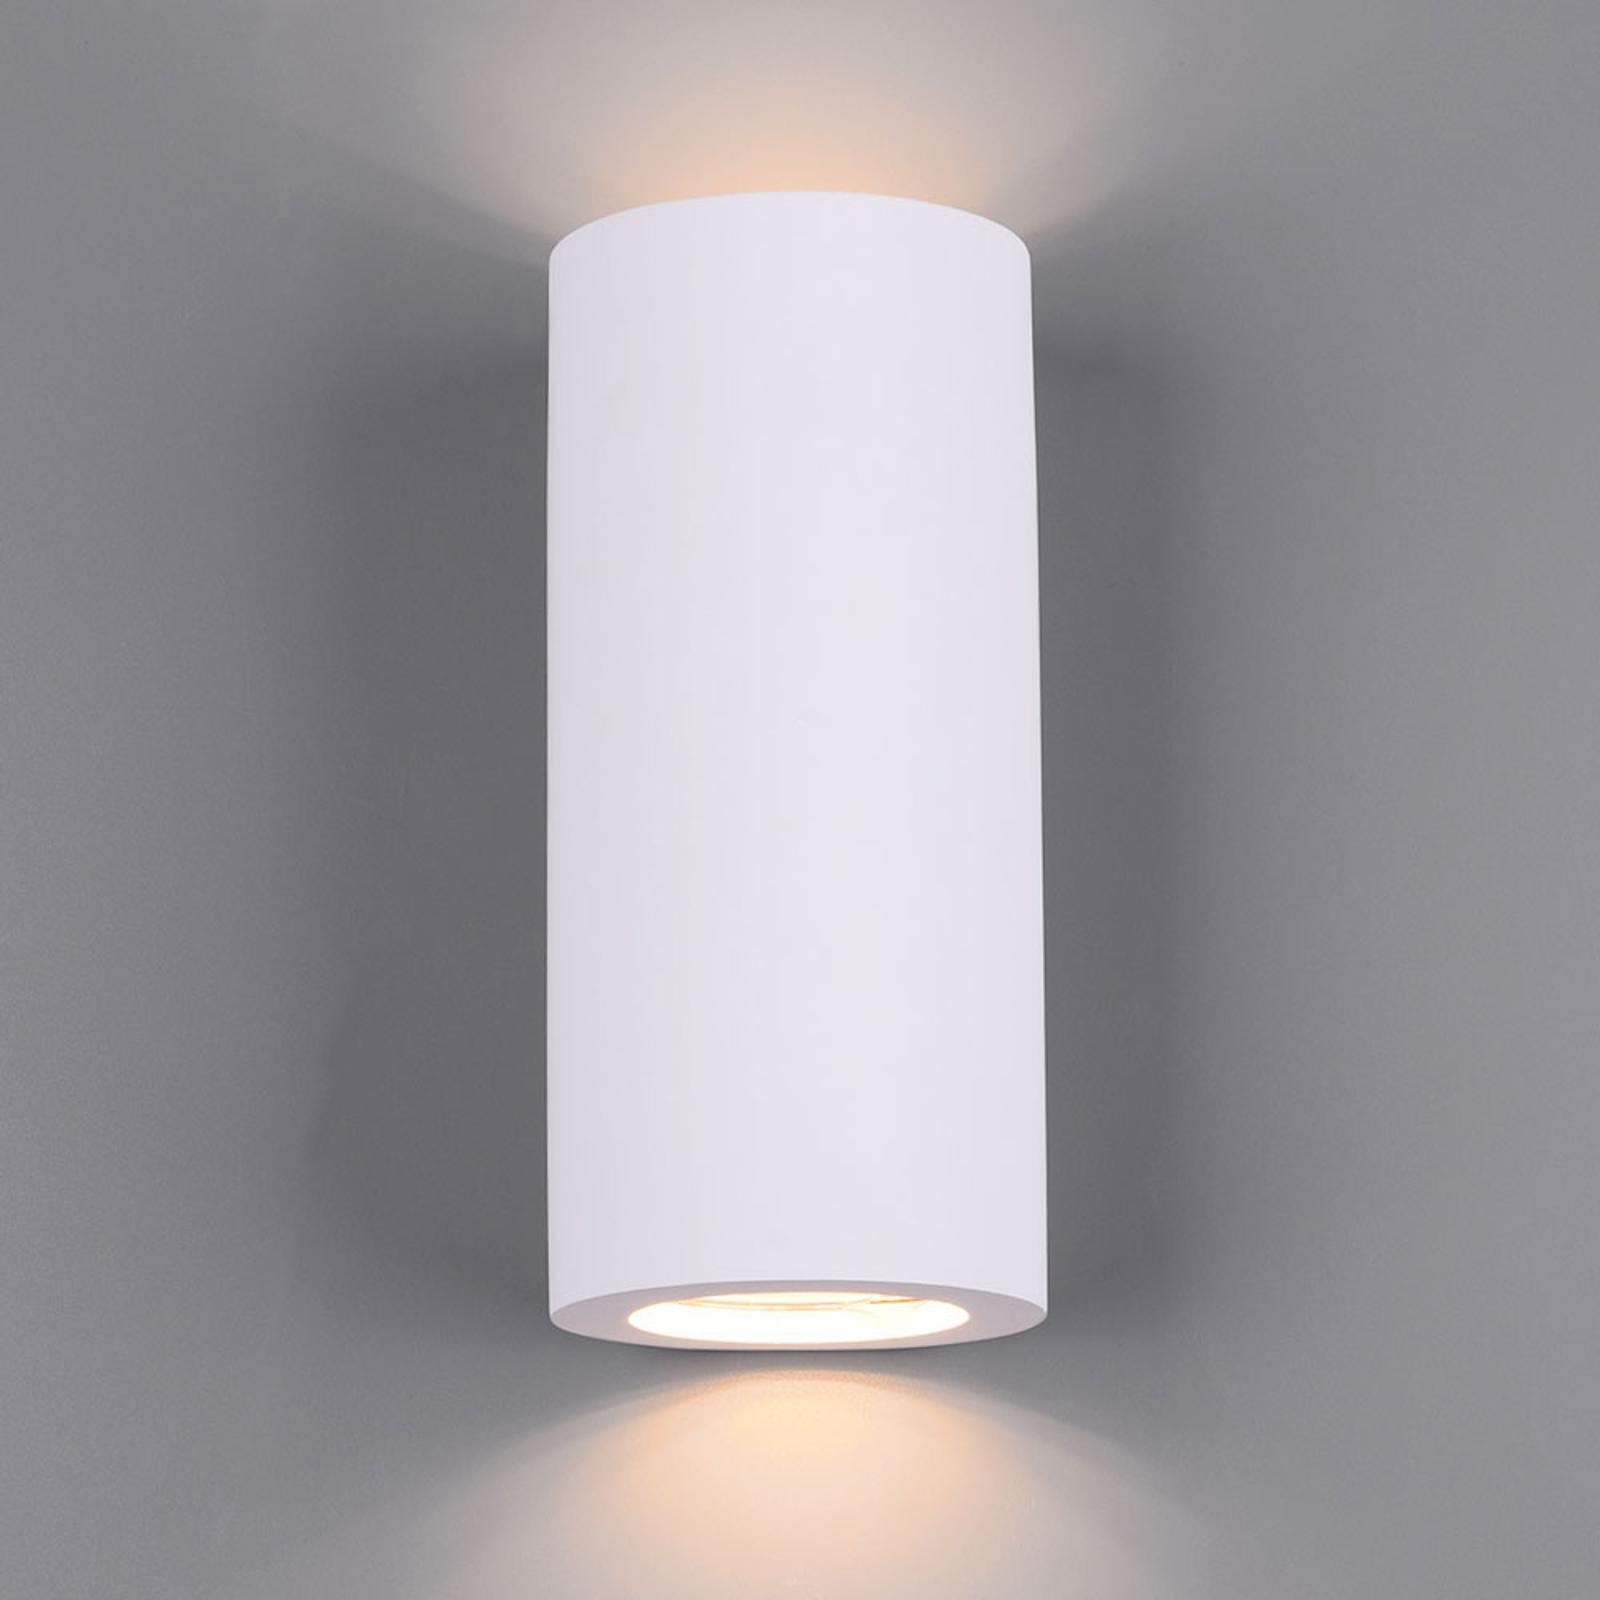 Wandlamp Zazou van gips, 2-lamps